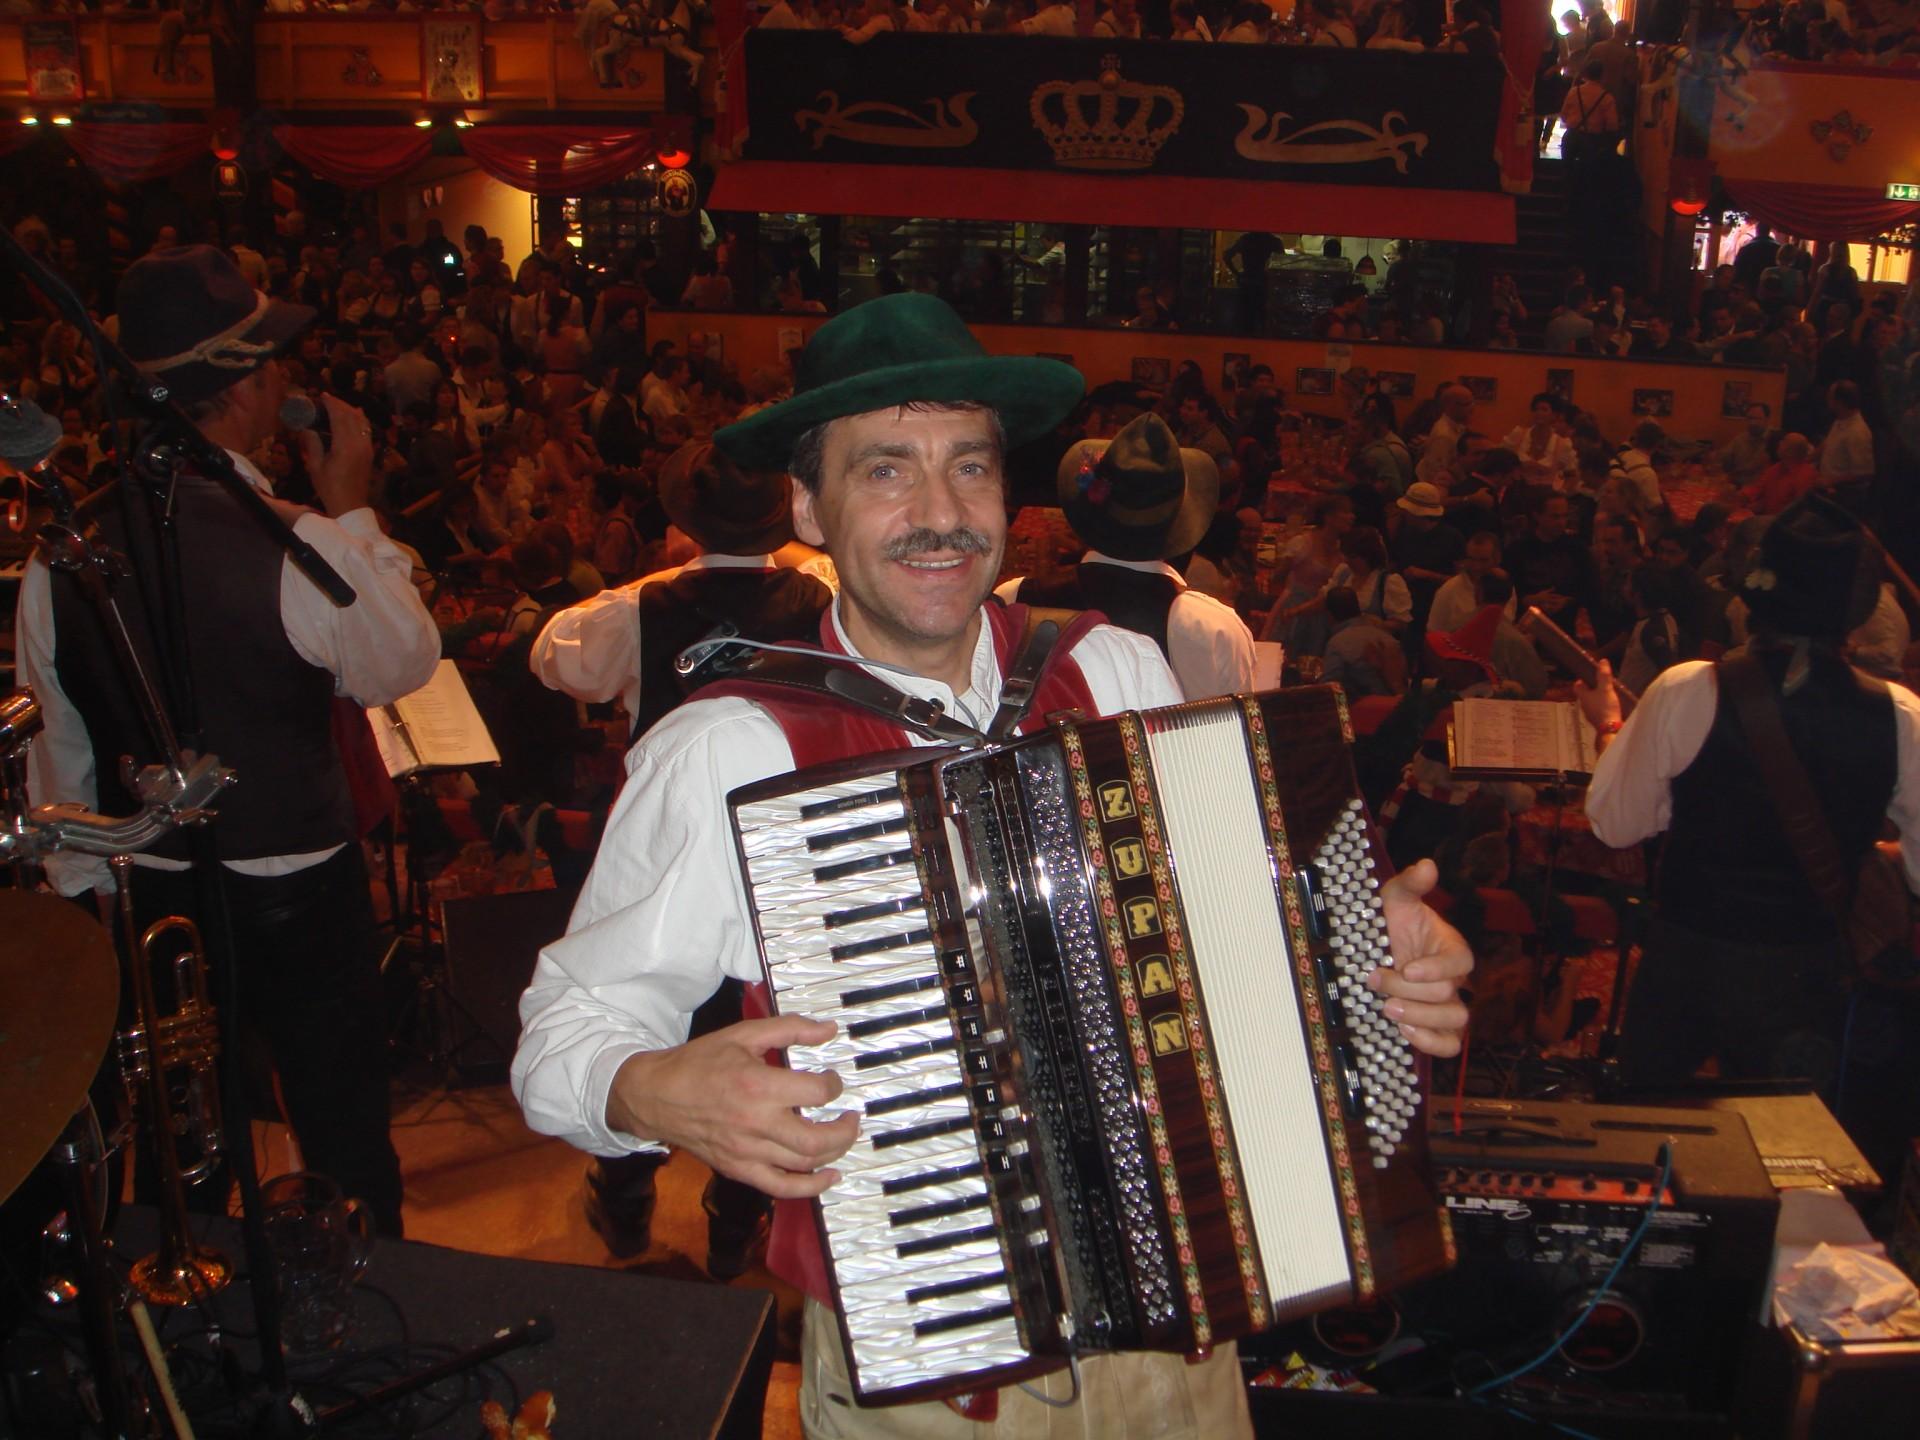 Simmisamma die Oktoberfestband – Konzert Hippodrom Oktoberfest München Deutschland 105